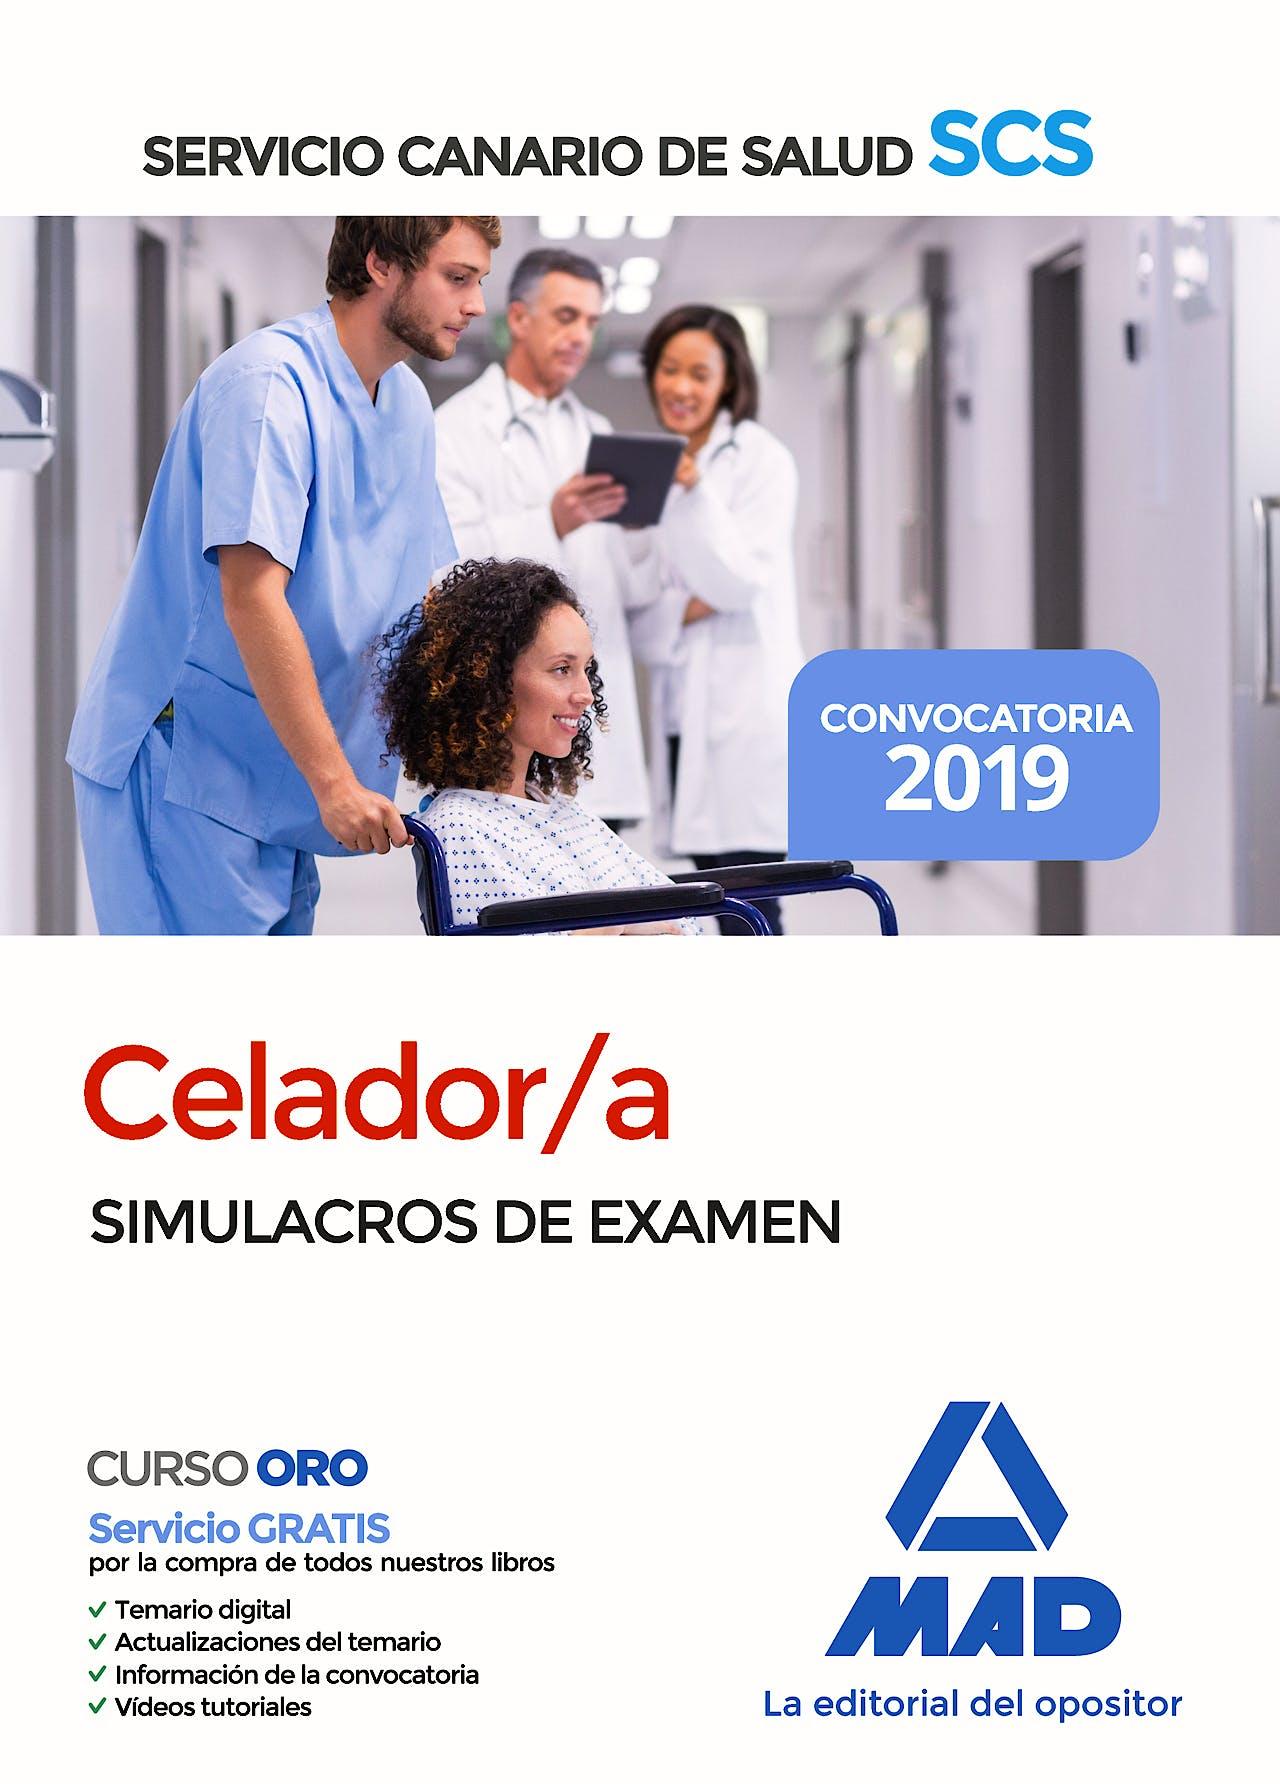 Portada del libro 9788414229712 Celador/a Servicio Canario Salud (SCS). Simulacros de Examen